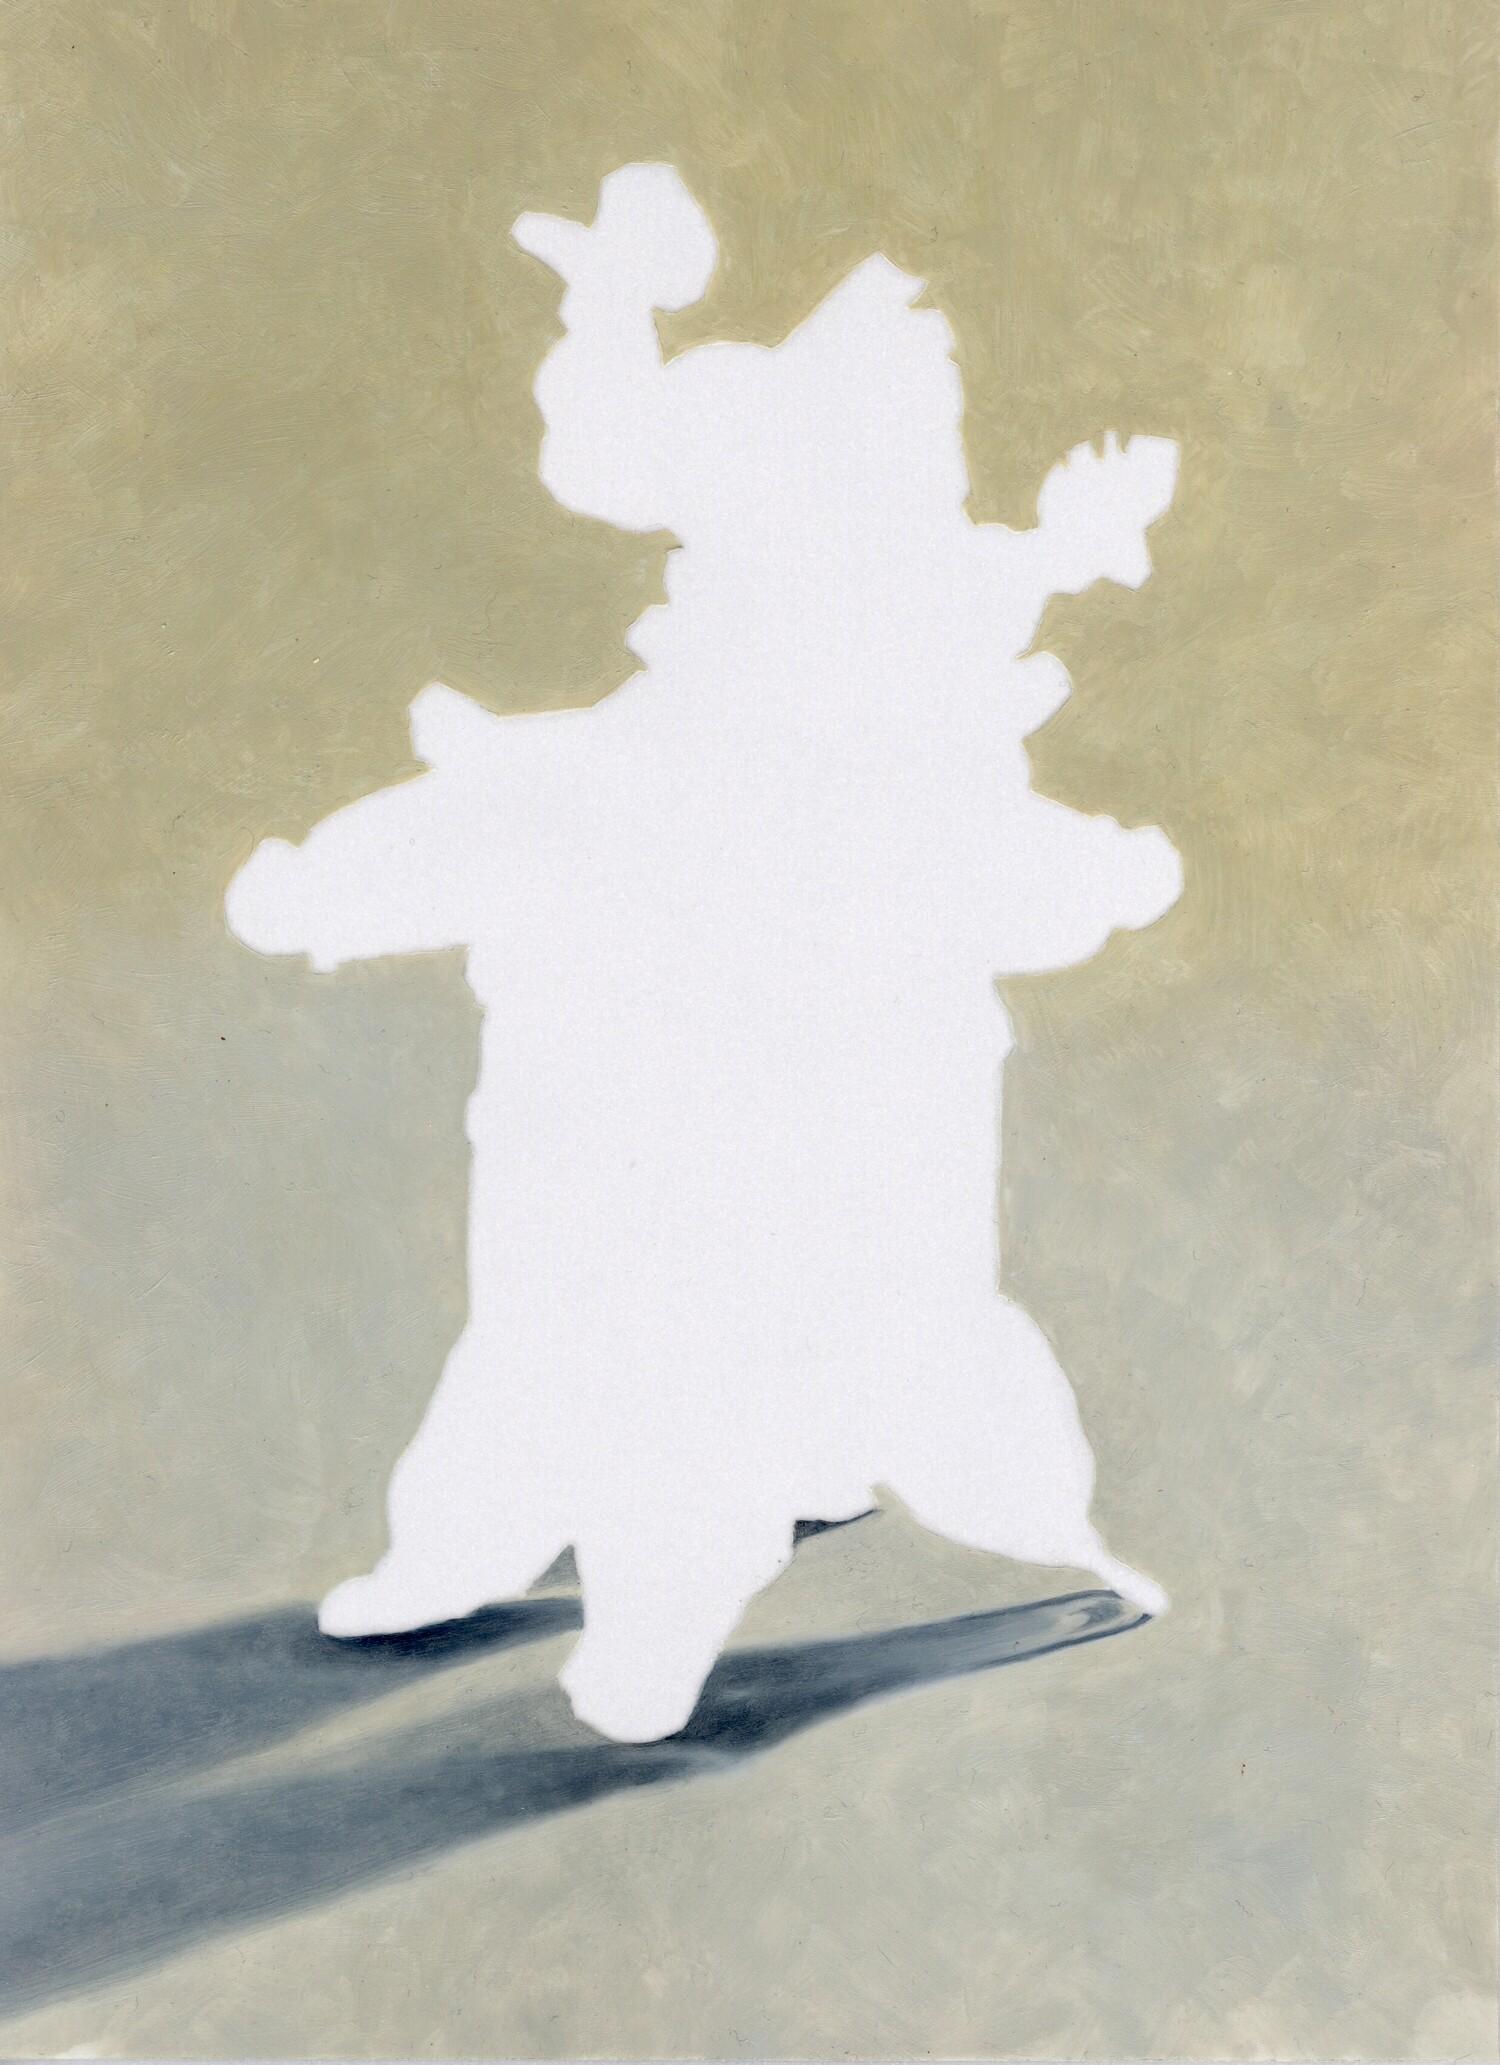 Vellum 11#2013, 29,7 x 21 cm, Öl auf Transparentpapier